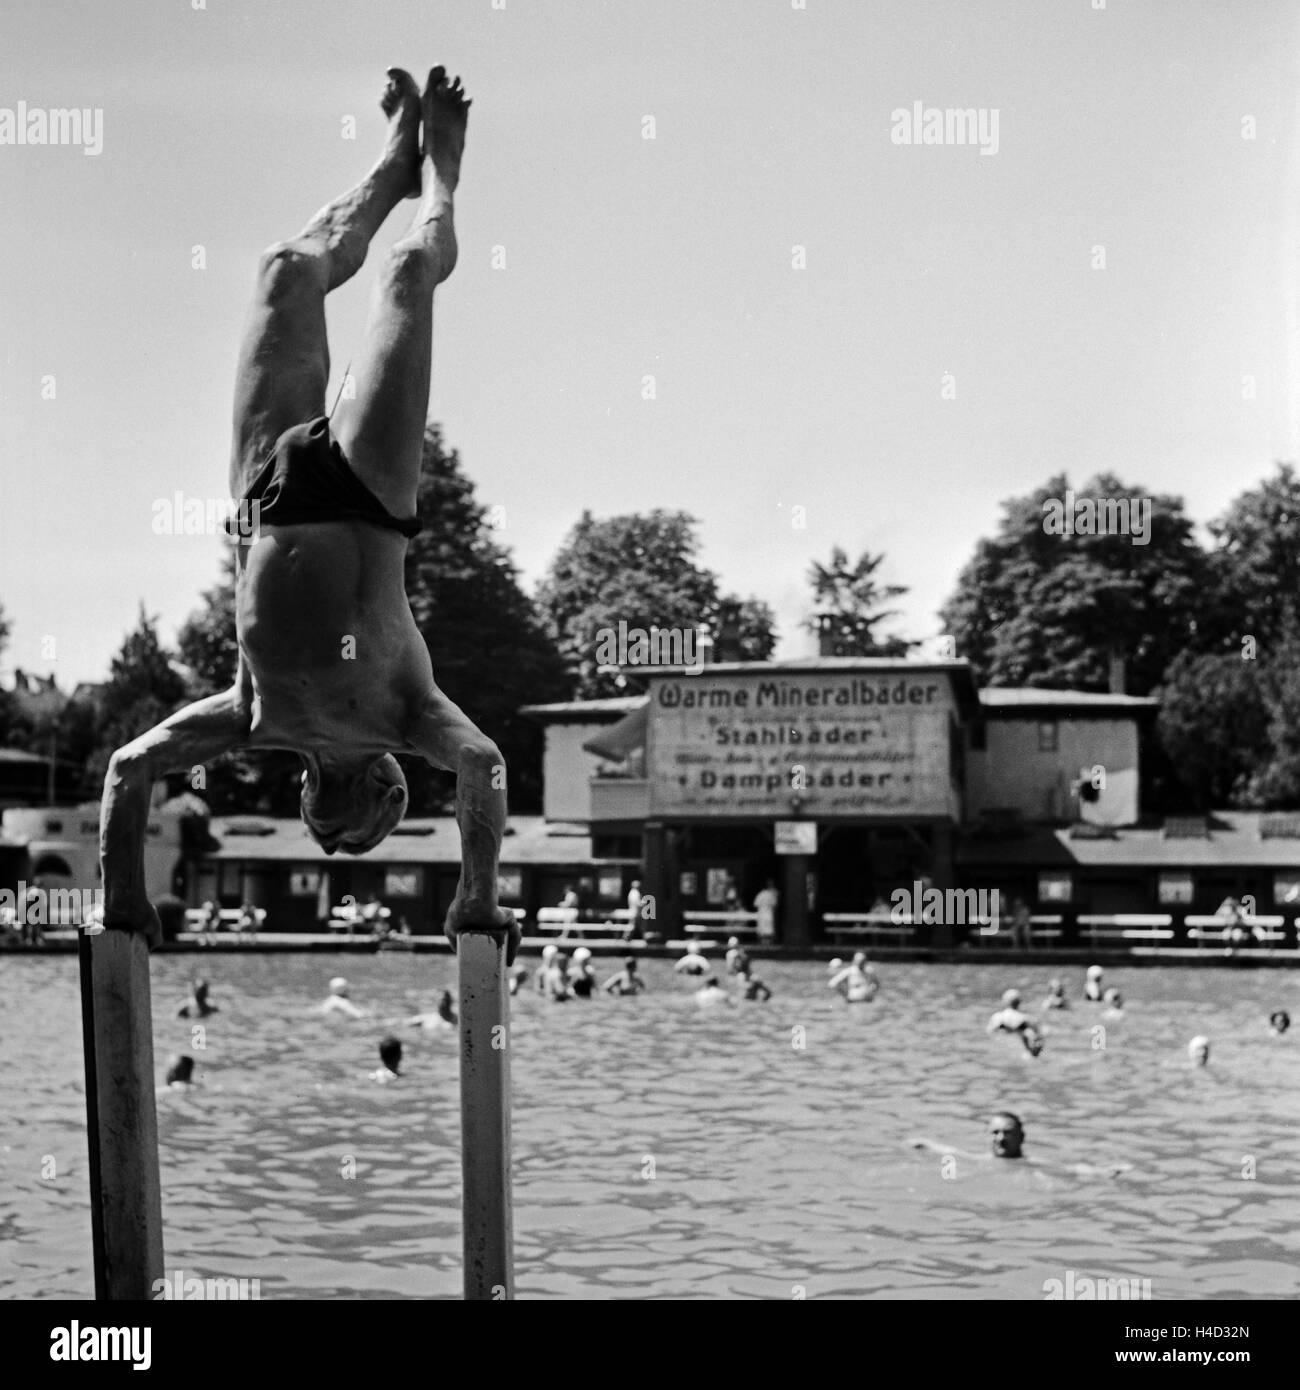 Ein Mann macht Kunststücke am Beckenrand eines Mineralbads, Deutschland 1930er Jahre. A man doing a daring - Stock Image